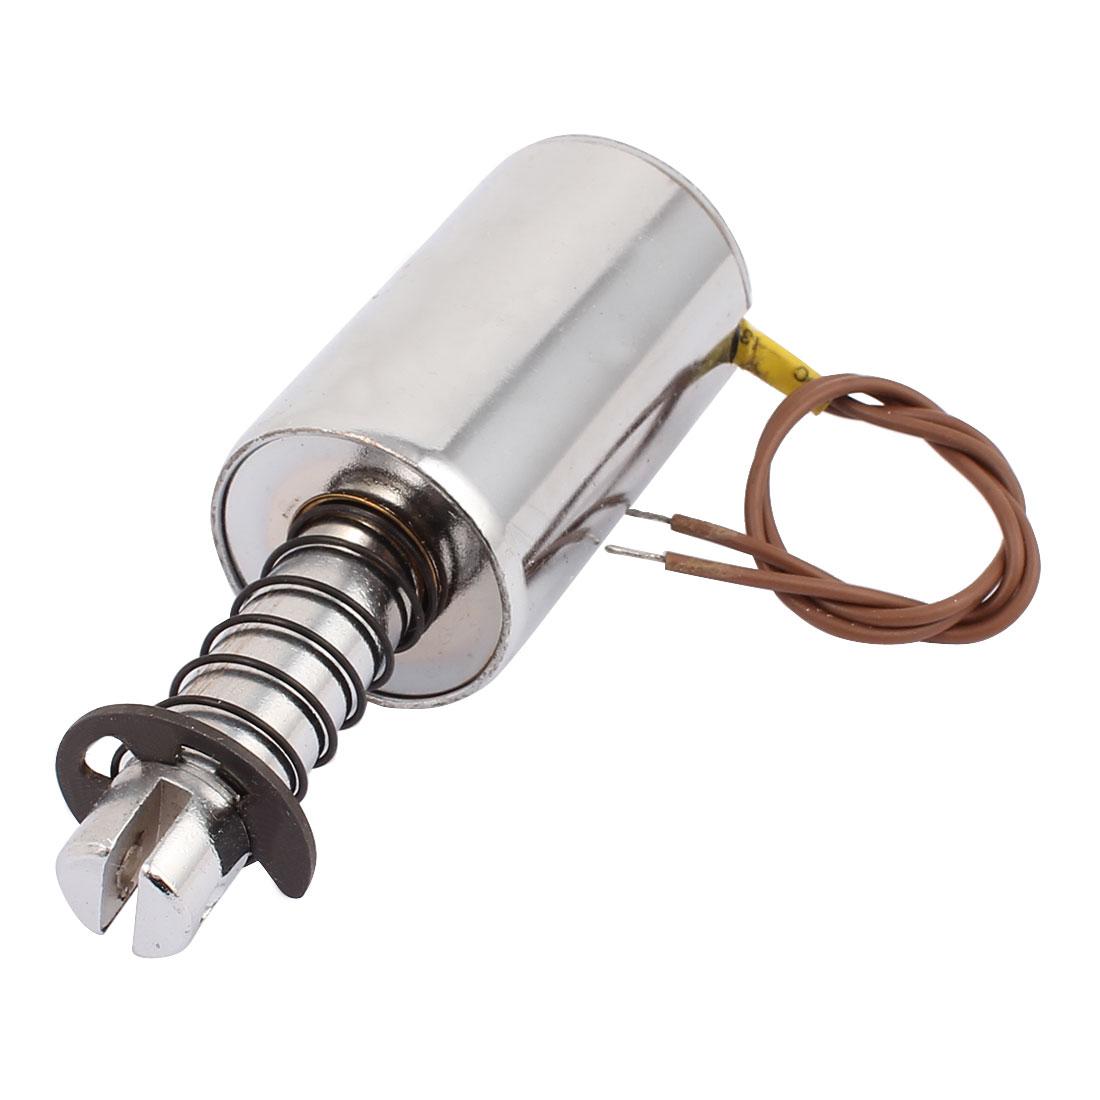 DC 24V 10mm Stroke 5.5~12Kg Force Pull Type Solenoid Electromagnet